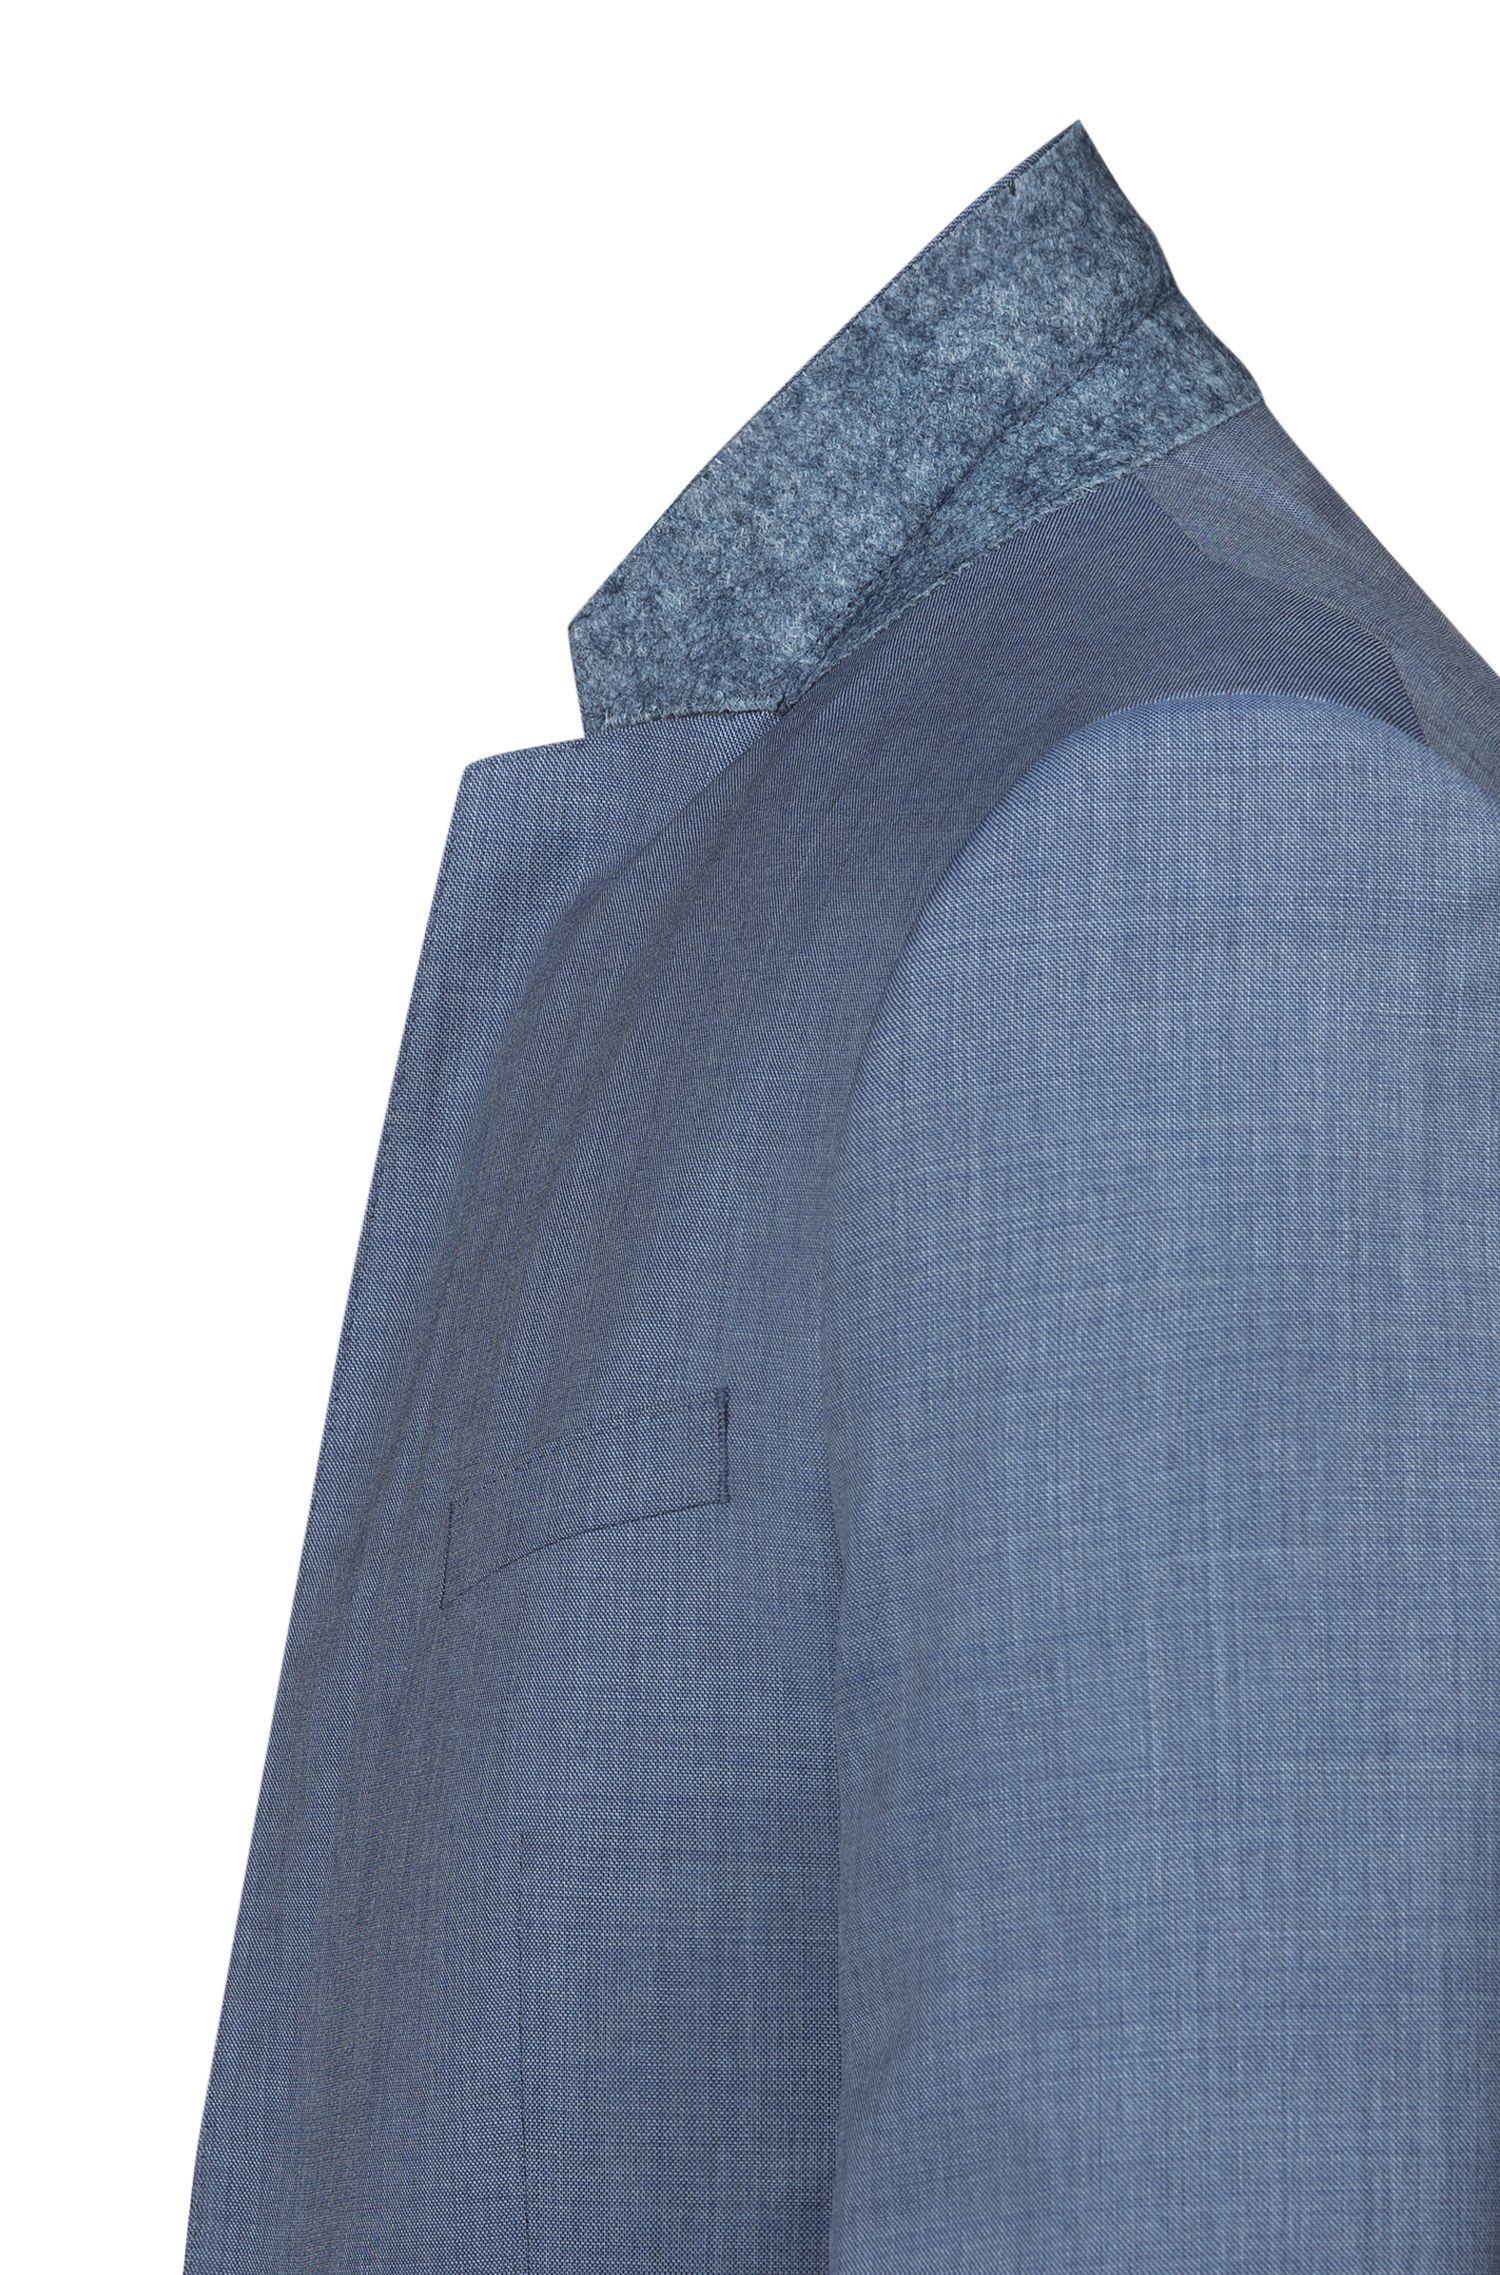 Abito con gilet extra slim fit in lana vergine realizzata in Italia, Blu